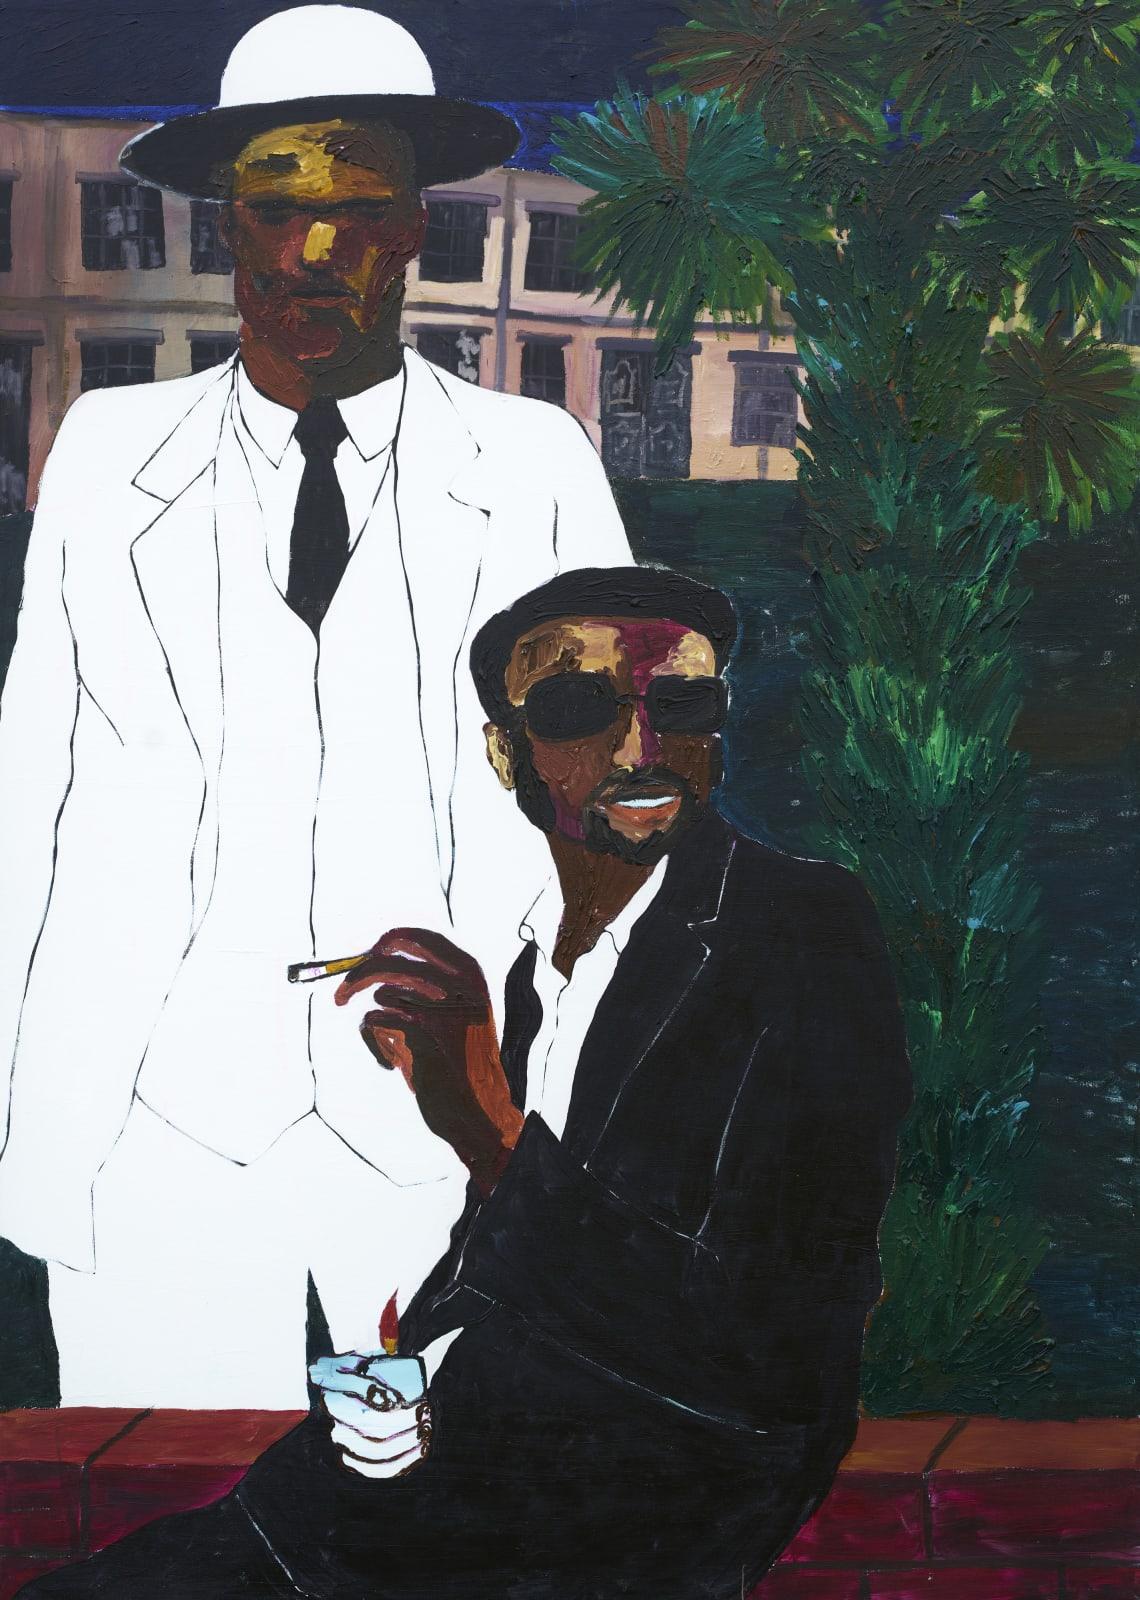 Gideon Appah, Two men on an empty street, 2020